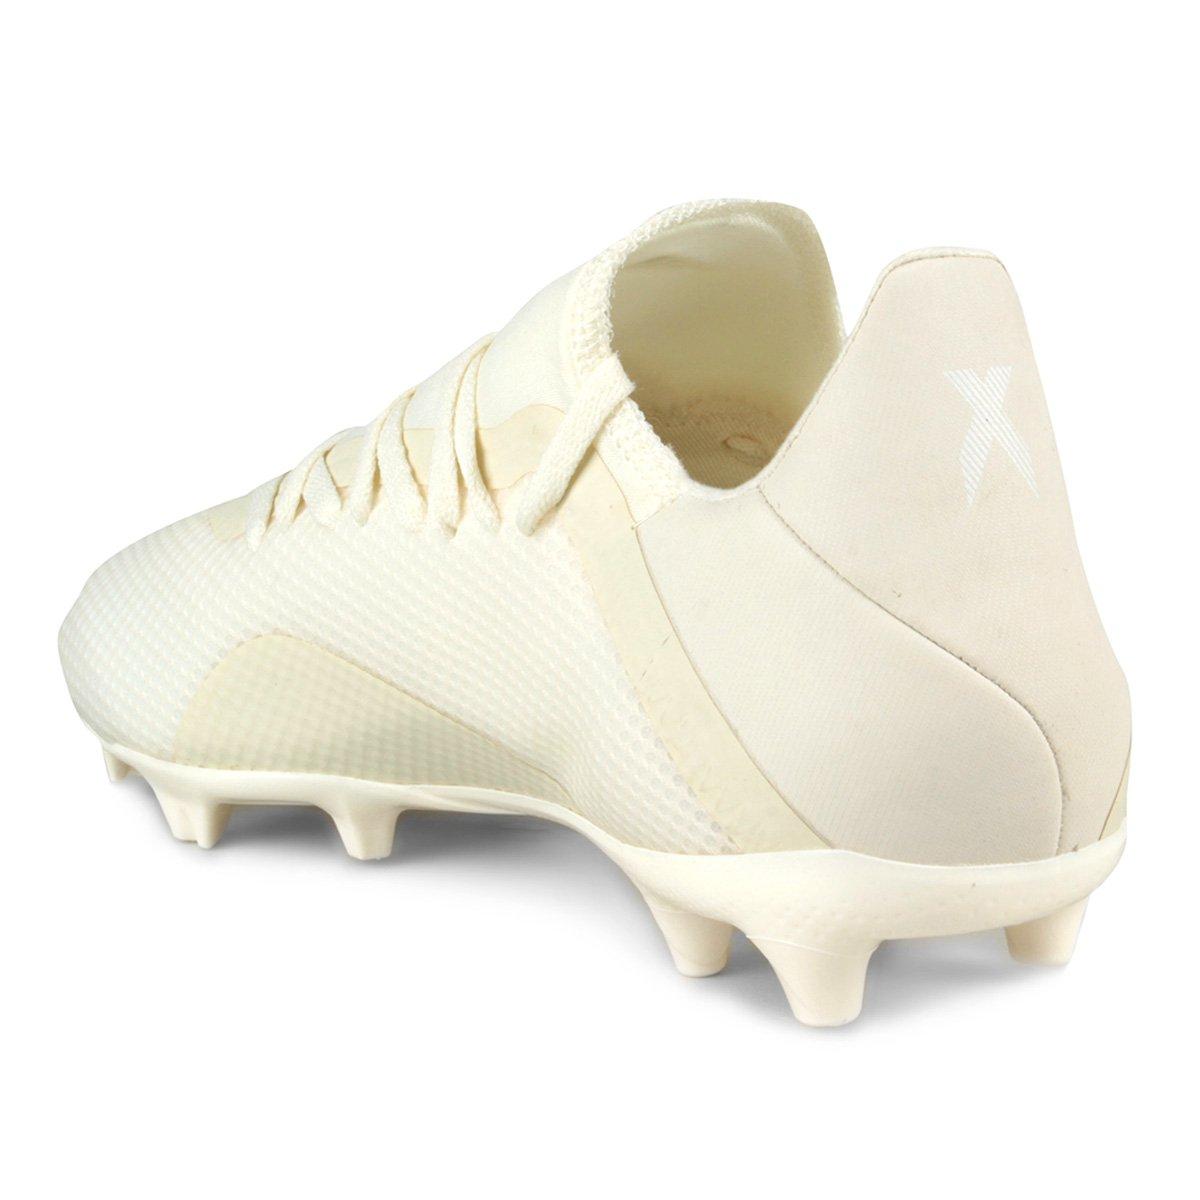 Chuteira Campo Adidas X 18 3 FG - Branco - Compre Agora  24fed00bfddef